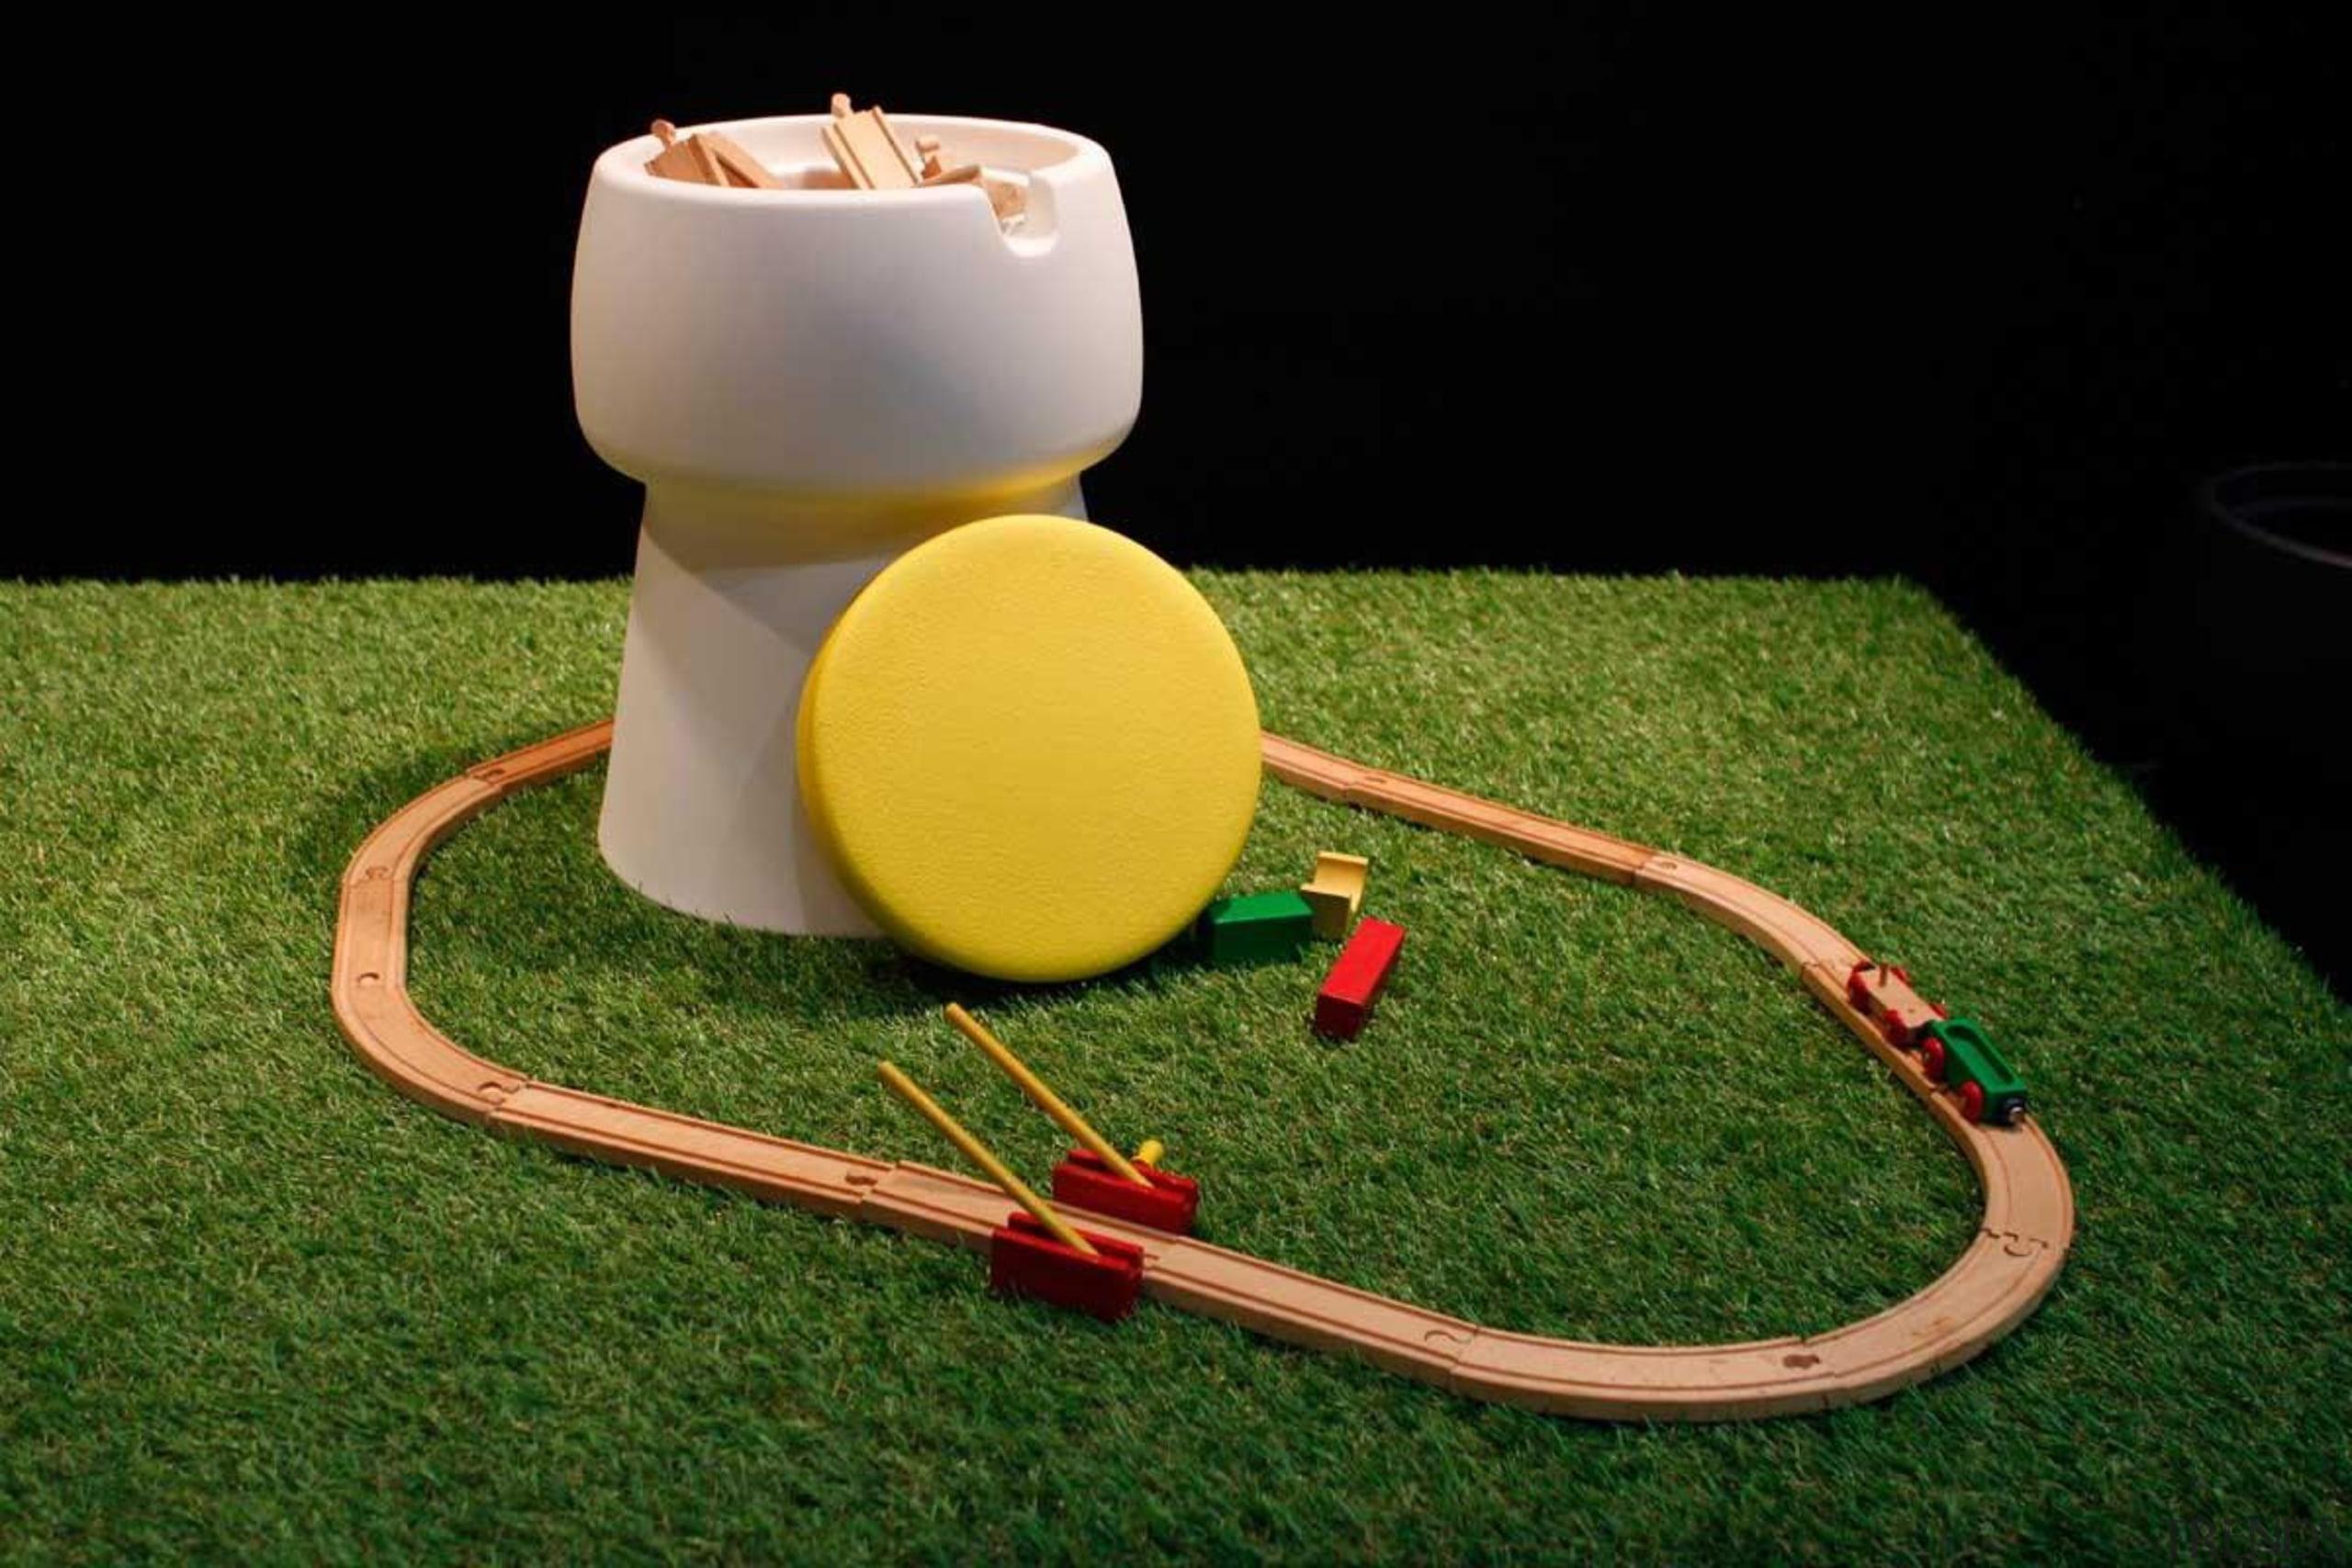 JokJor - grass | product design | recreation grass, product design, recreation, brown, black